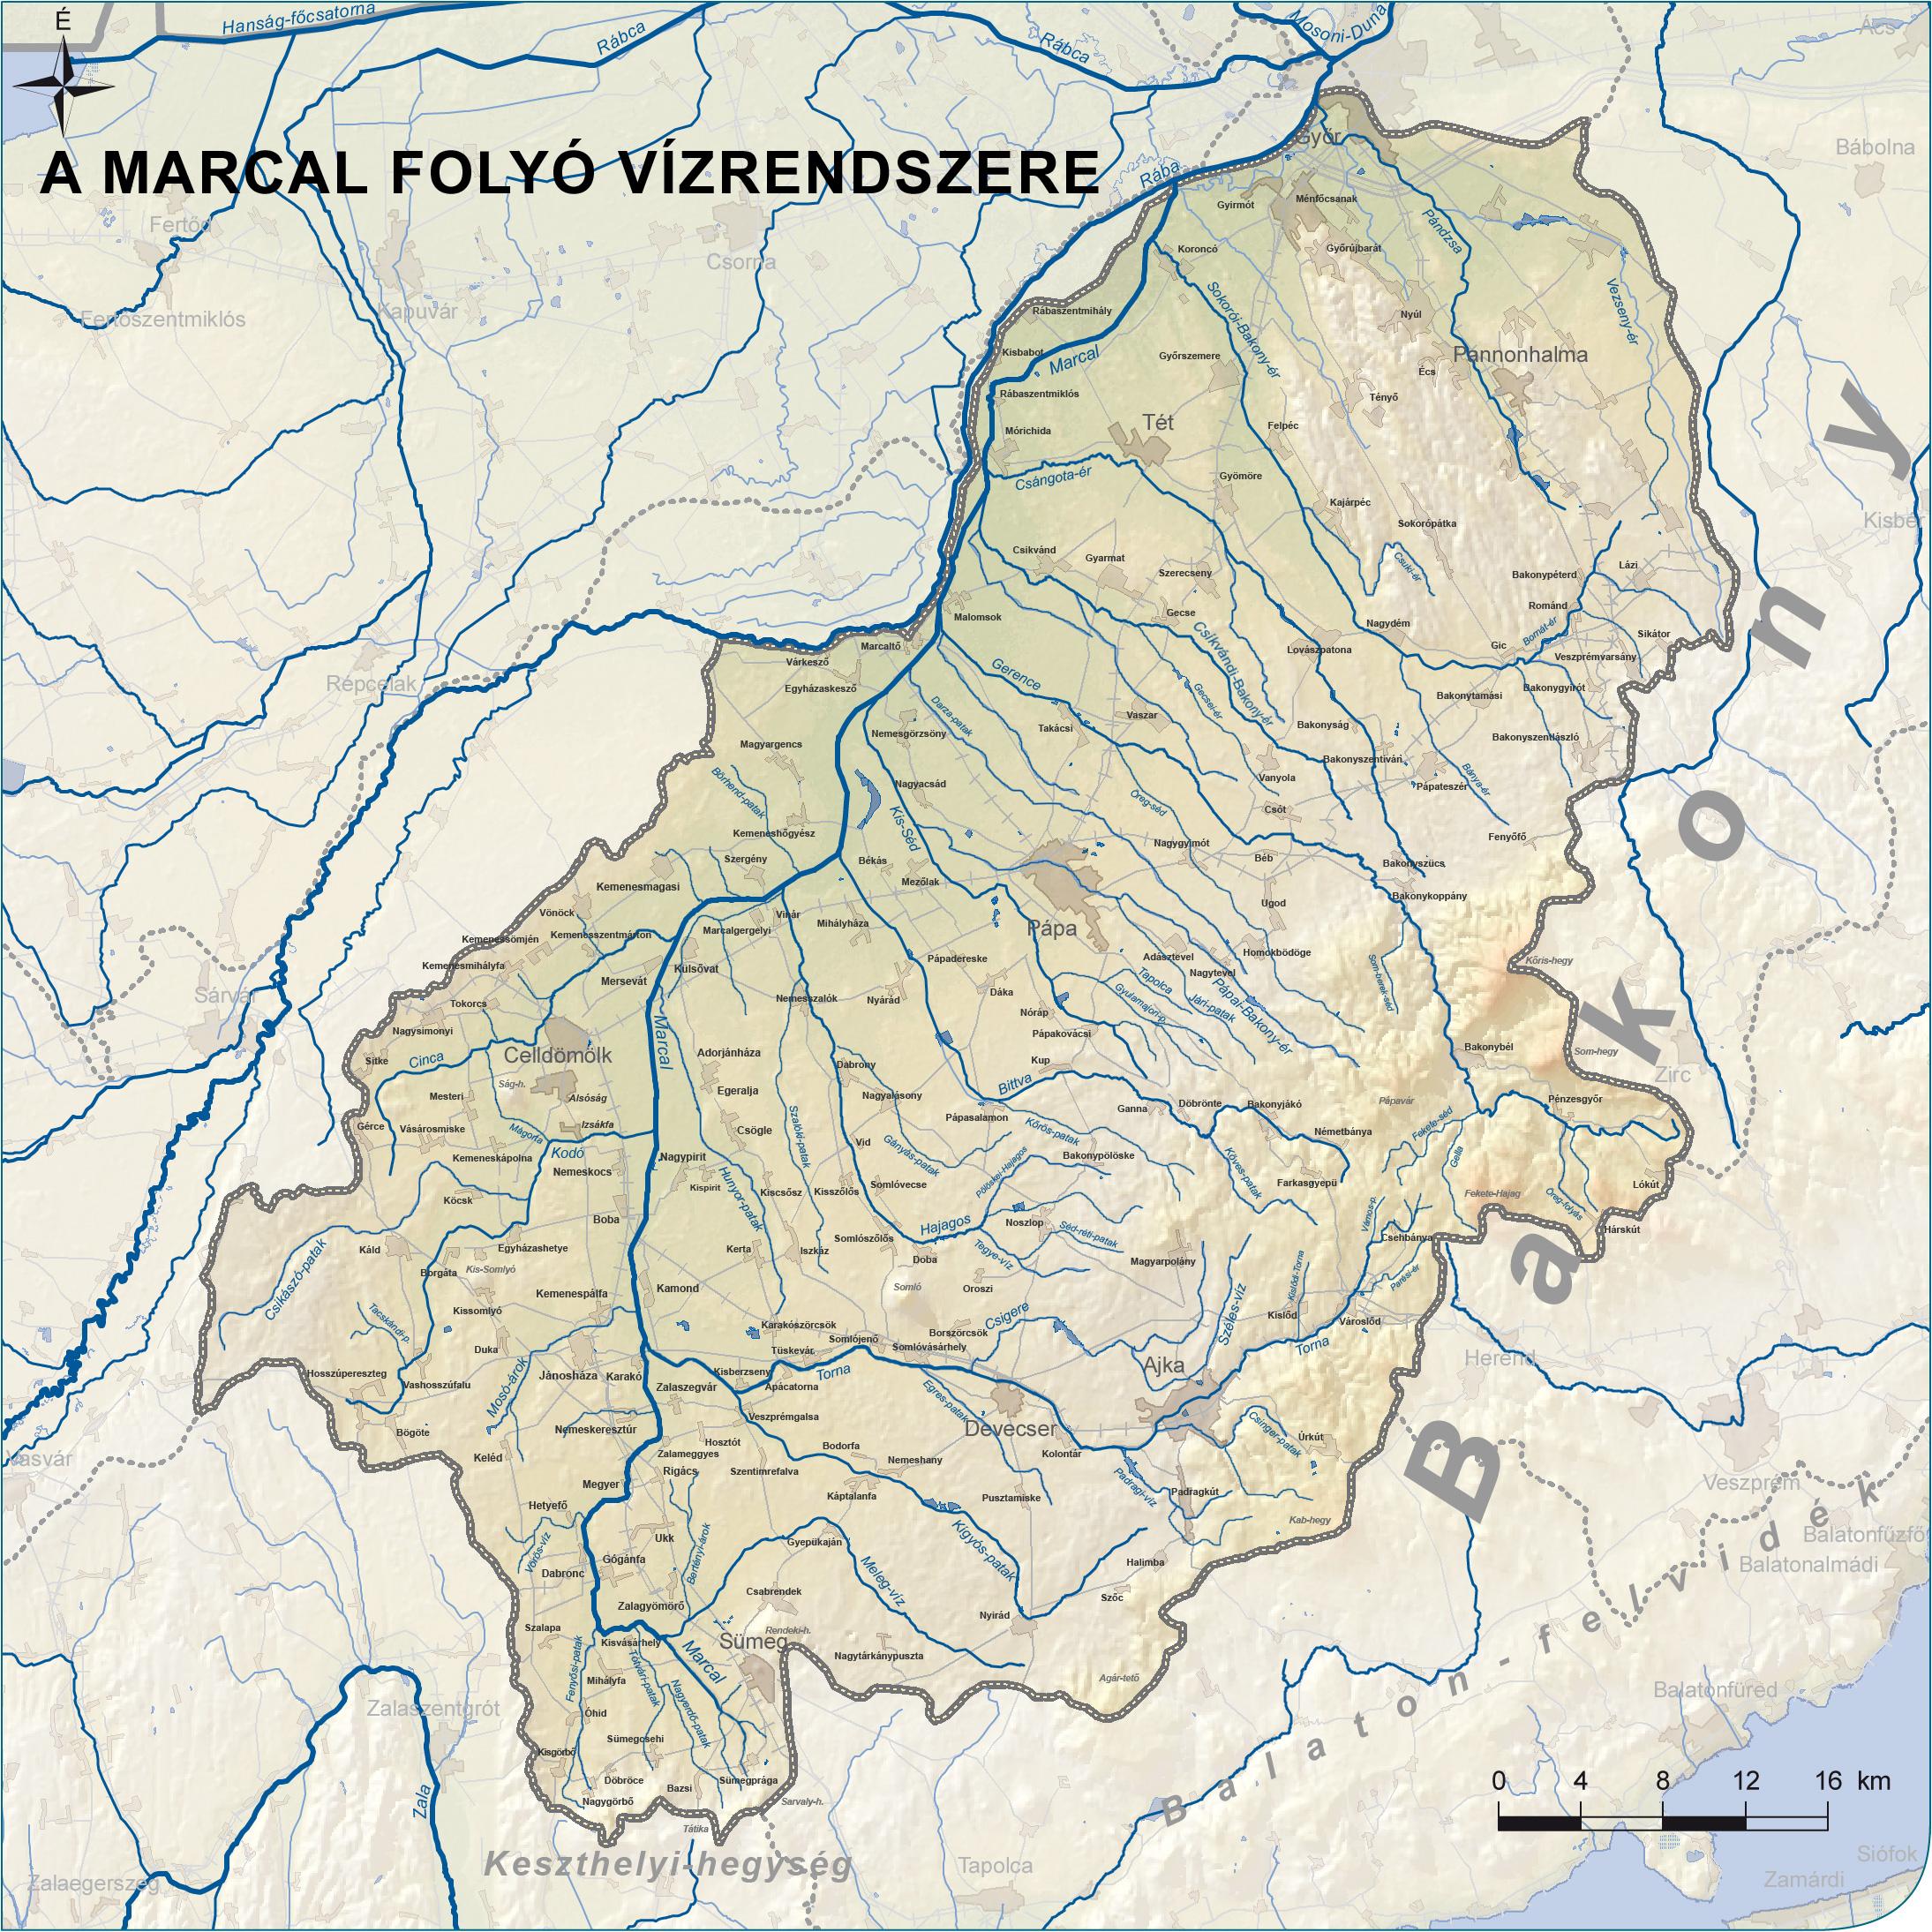 A Marcal folyó honlapja - Eredettől torkolatig - végig a folyó mentén fee1f9048c